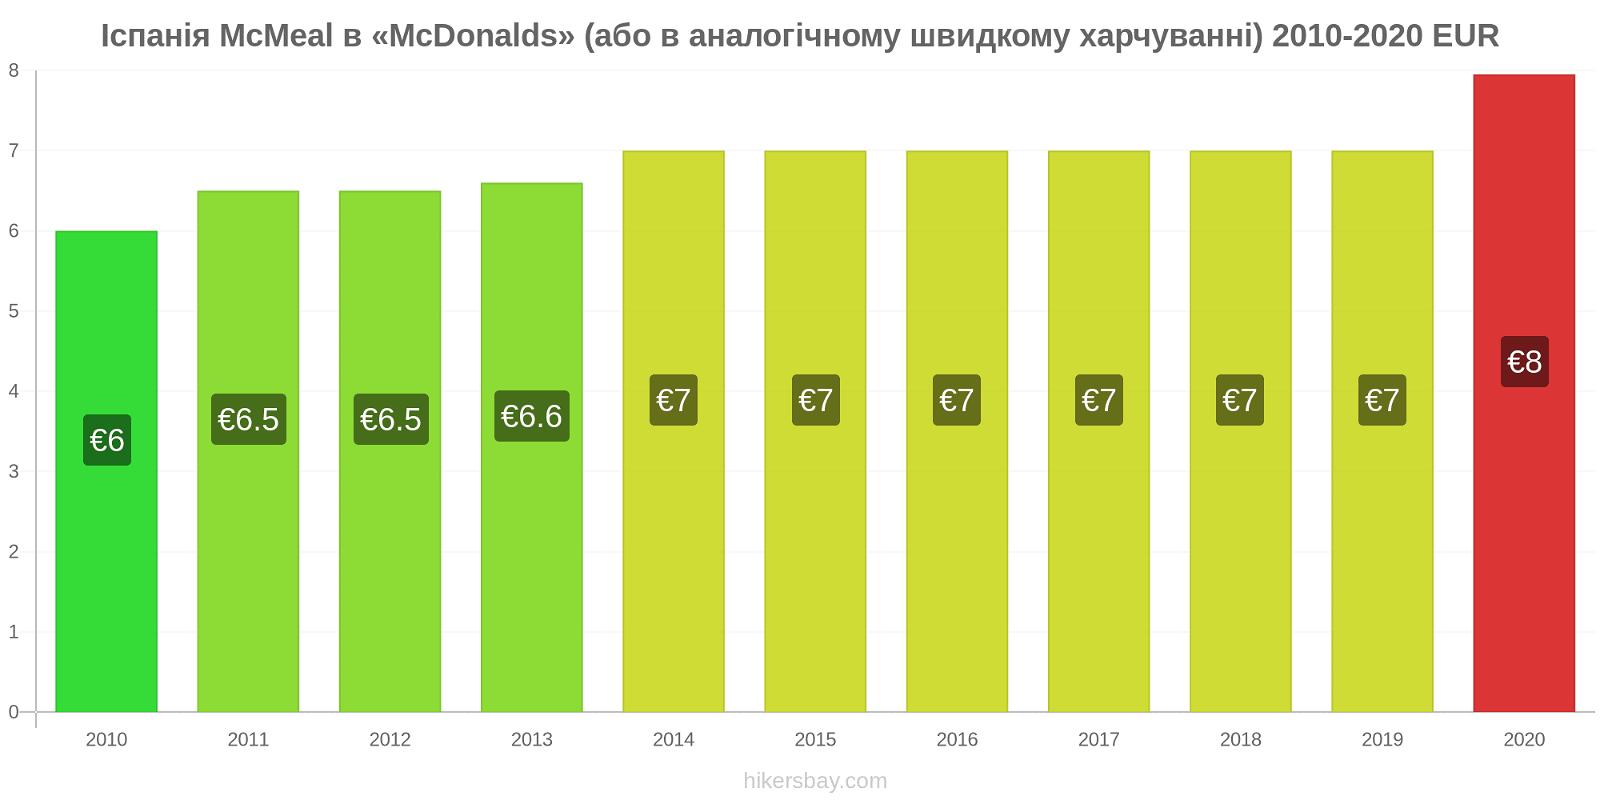 Іспанія зміни цін McMeal в «McDonalds» (або в аналогічному швидкому харчуванні) hikersbay.com